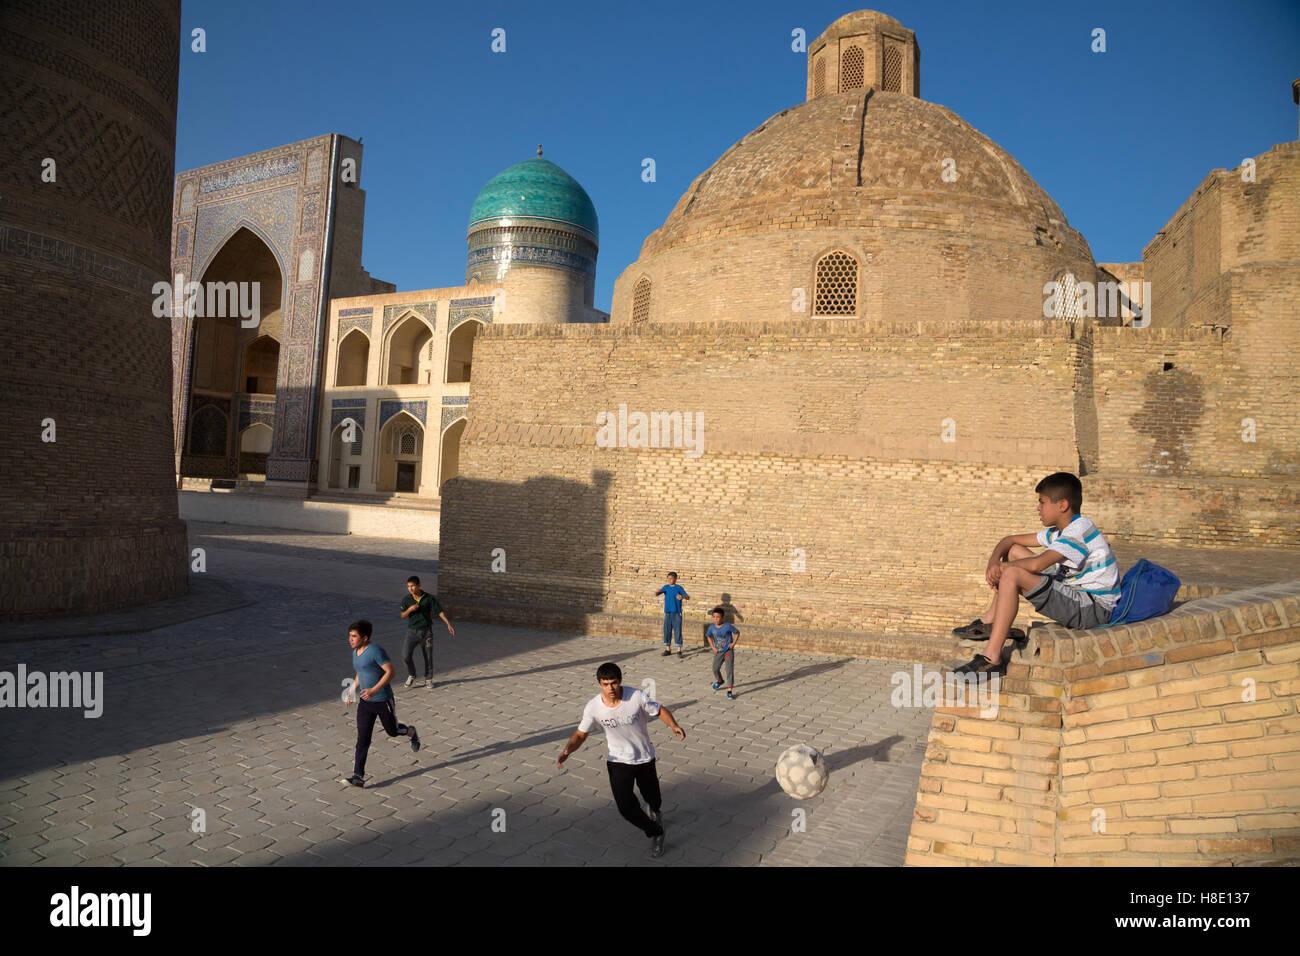 Les adolescents les enfants jouer au football par le coucher du soleil dans la ville antique Boukhara - Ouzbékistan Photo Stock